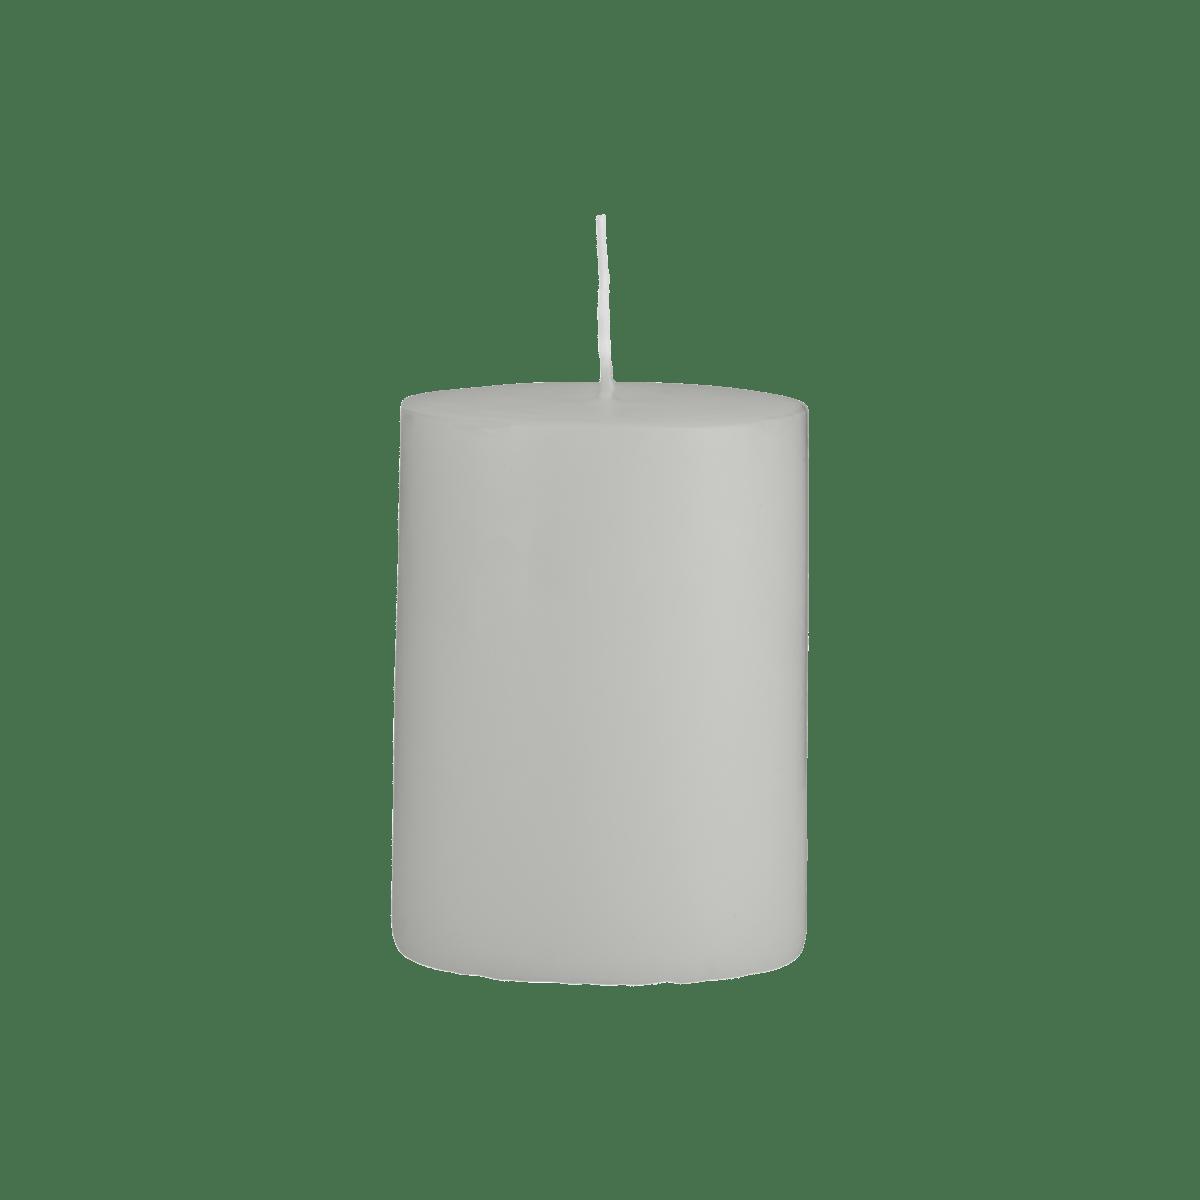 Šedá svíčka 7x10 cm - set 2 kusů